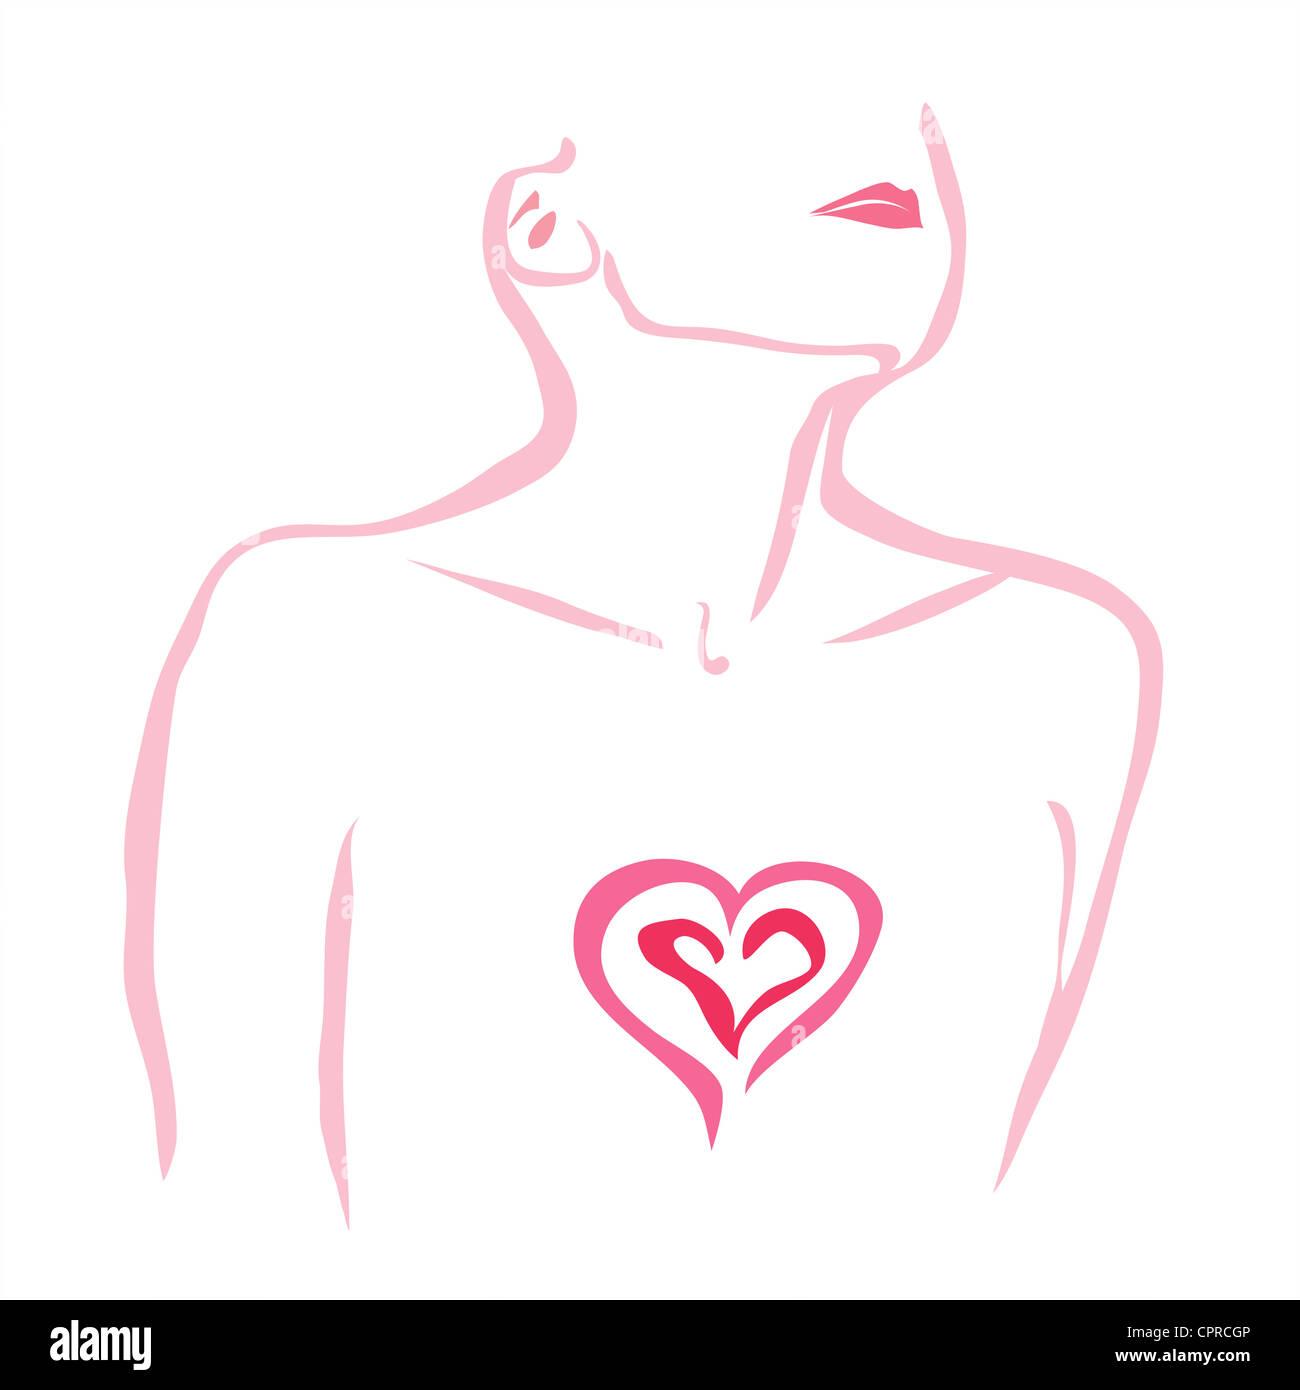 Le chagrin. Femme avec son coeur exposés. Photo Stock